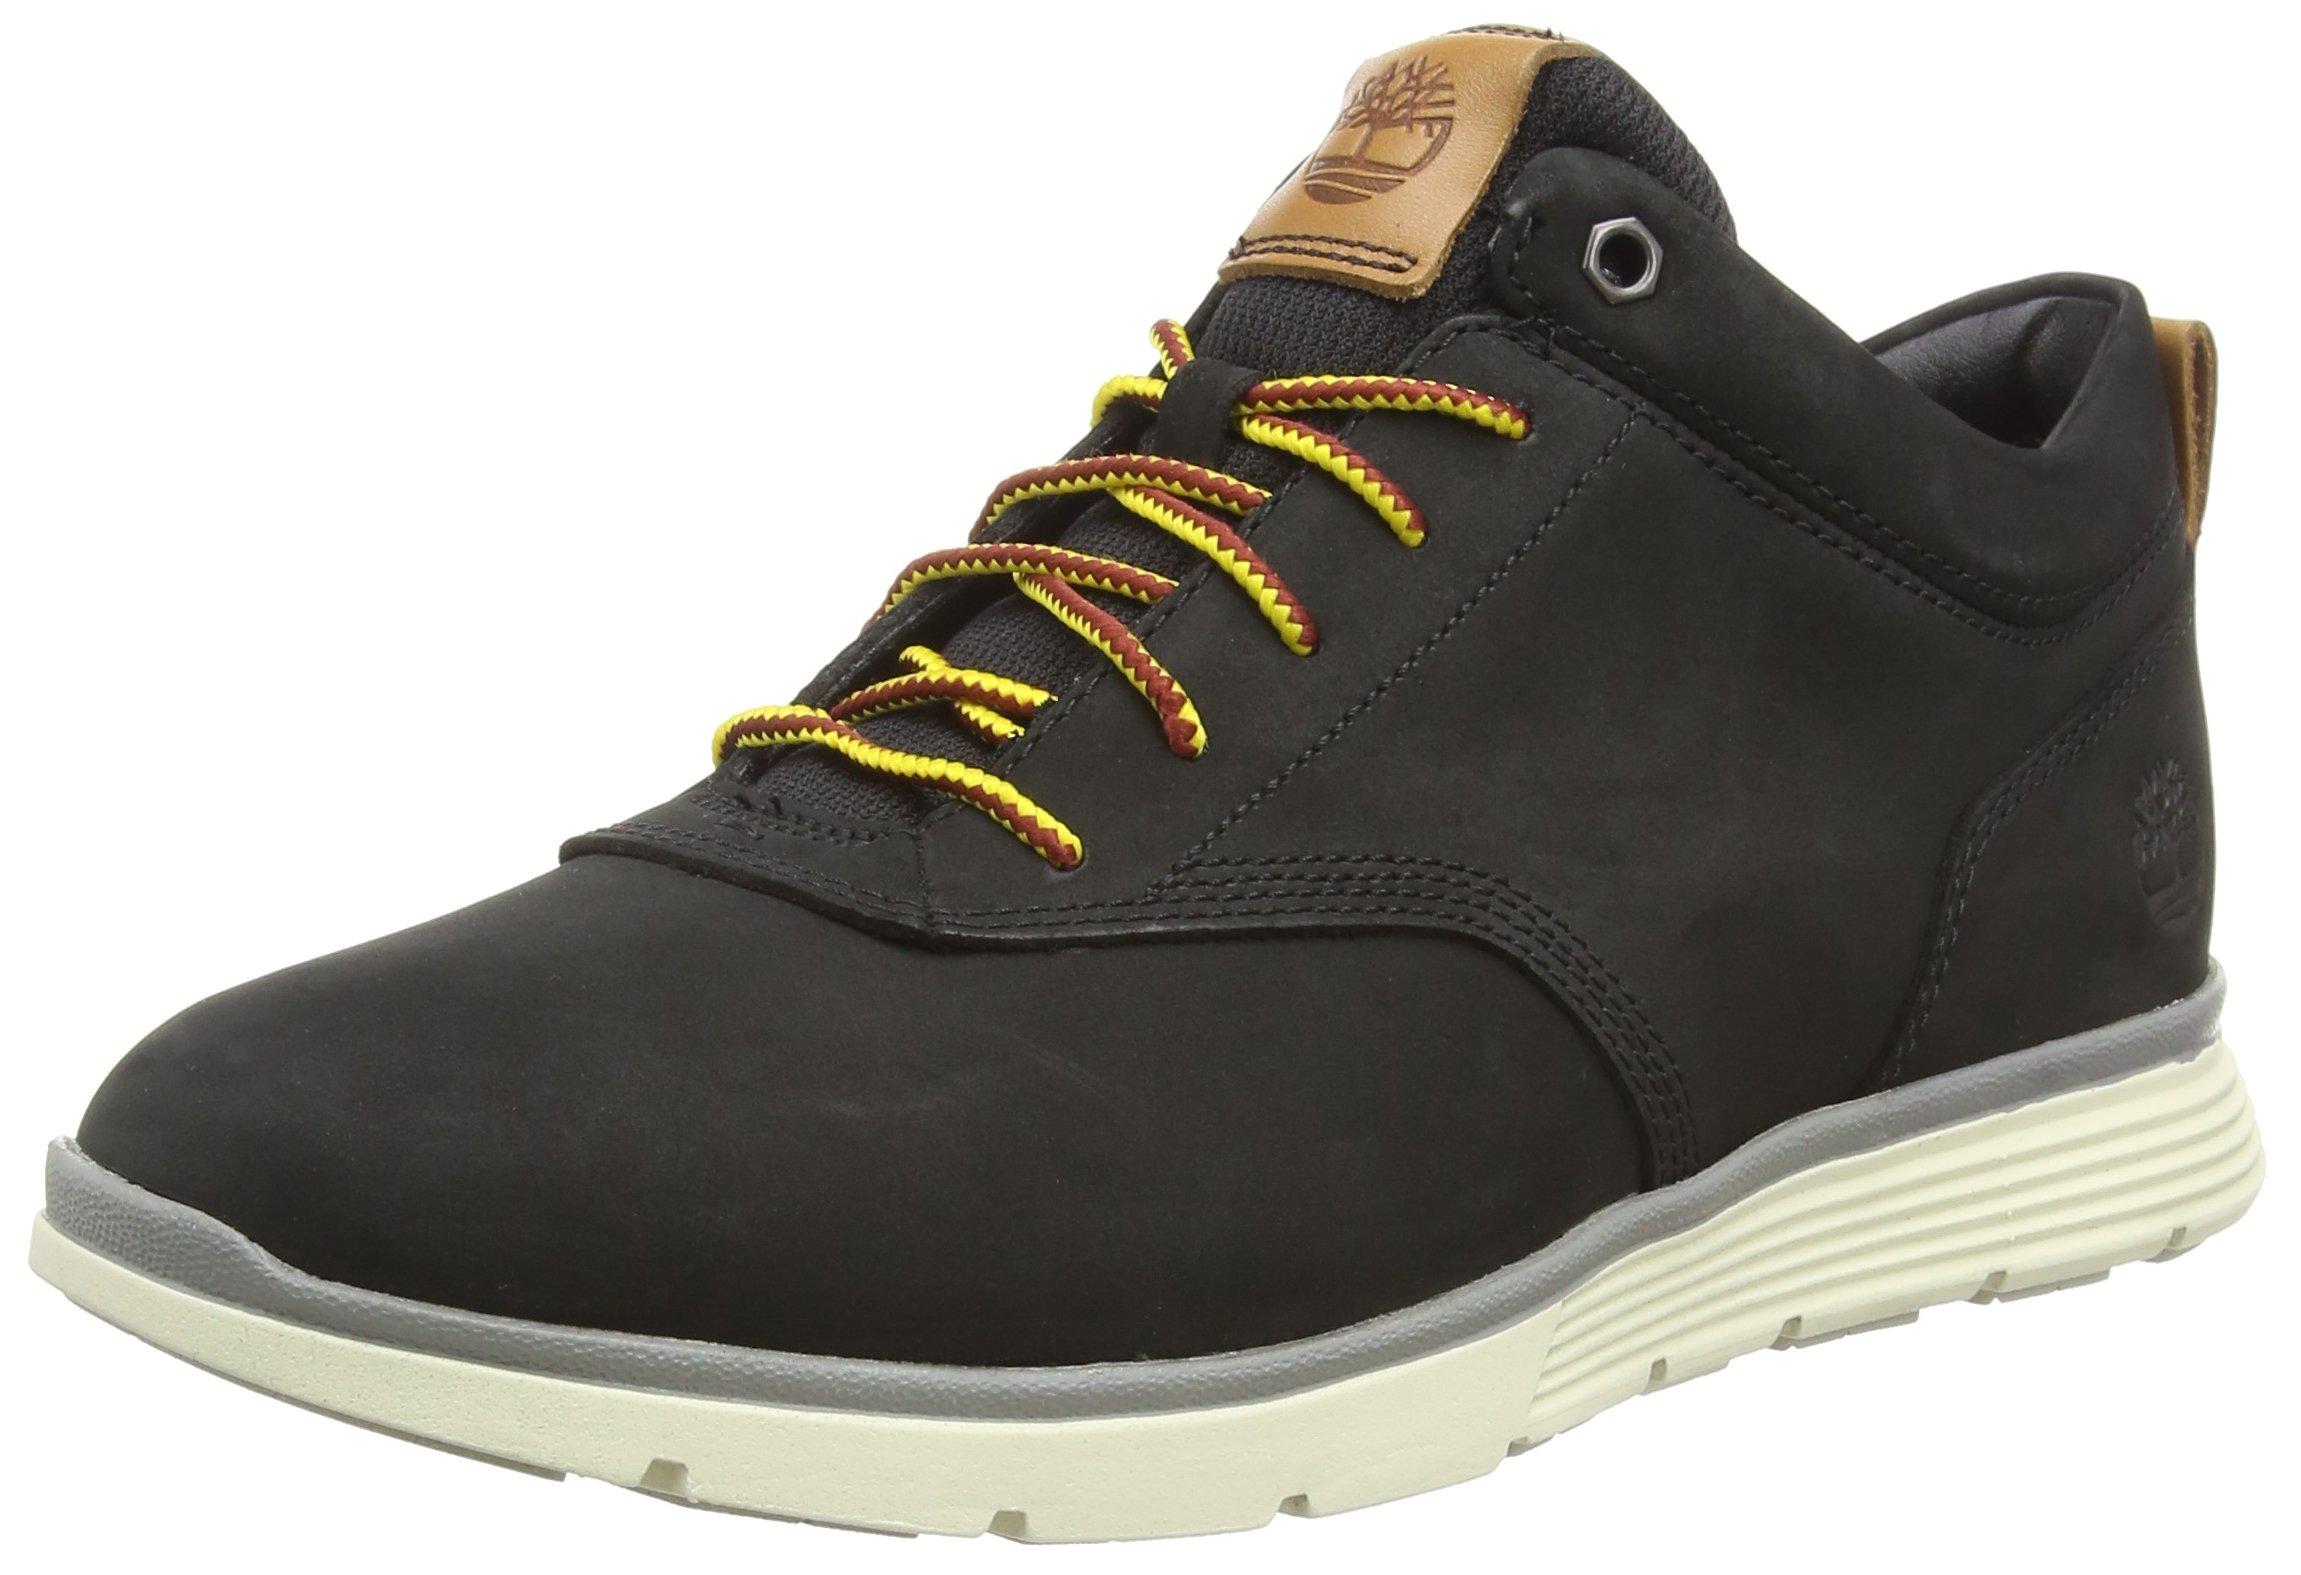 new product 39b23 2ea28 Timberland Mens Killington Half Cab Black Nubuck Boots 44 EU